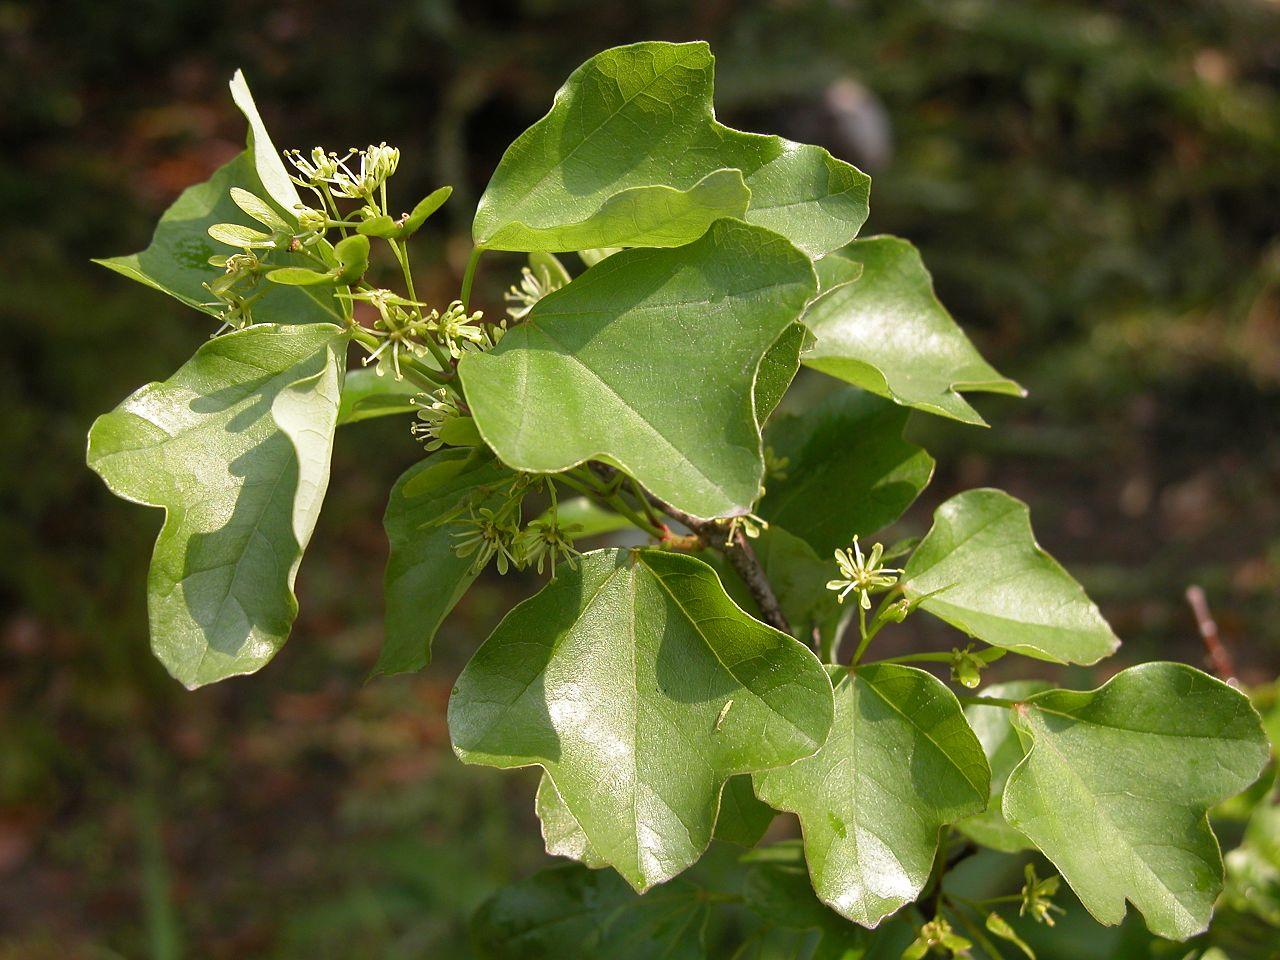 Vista de las hojas del Acer buergerianum